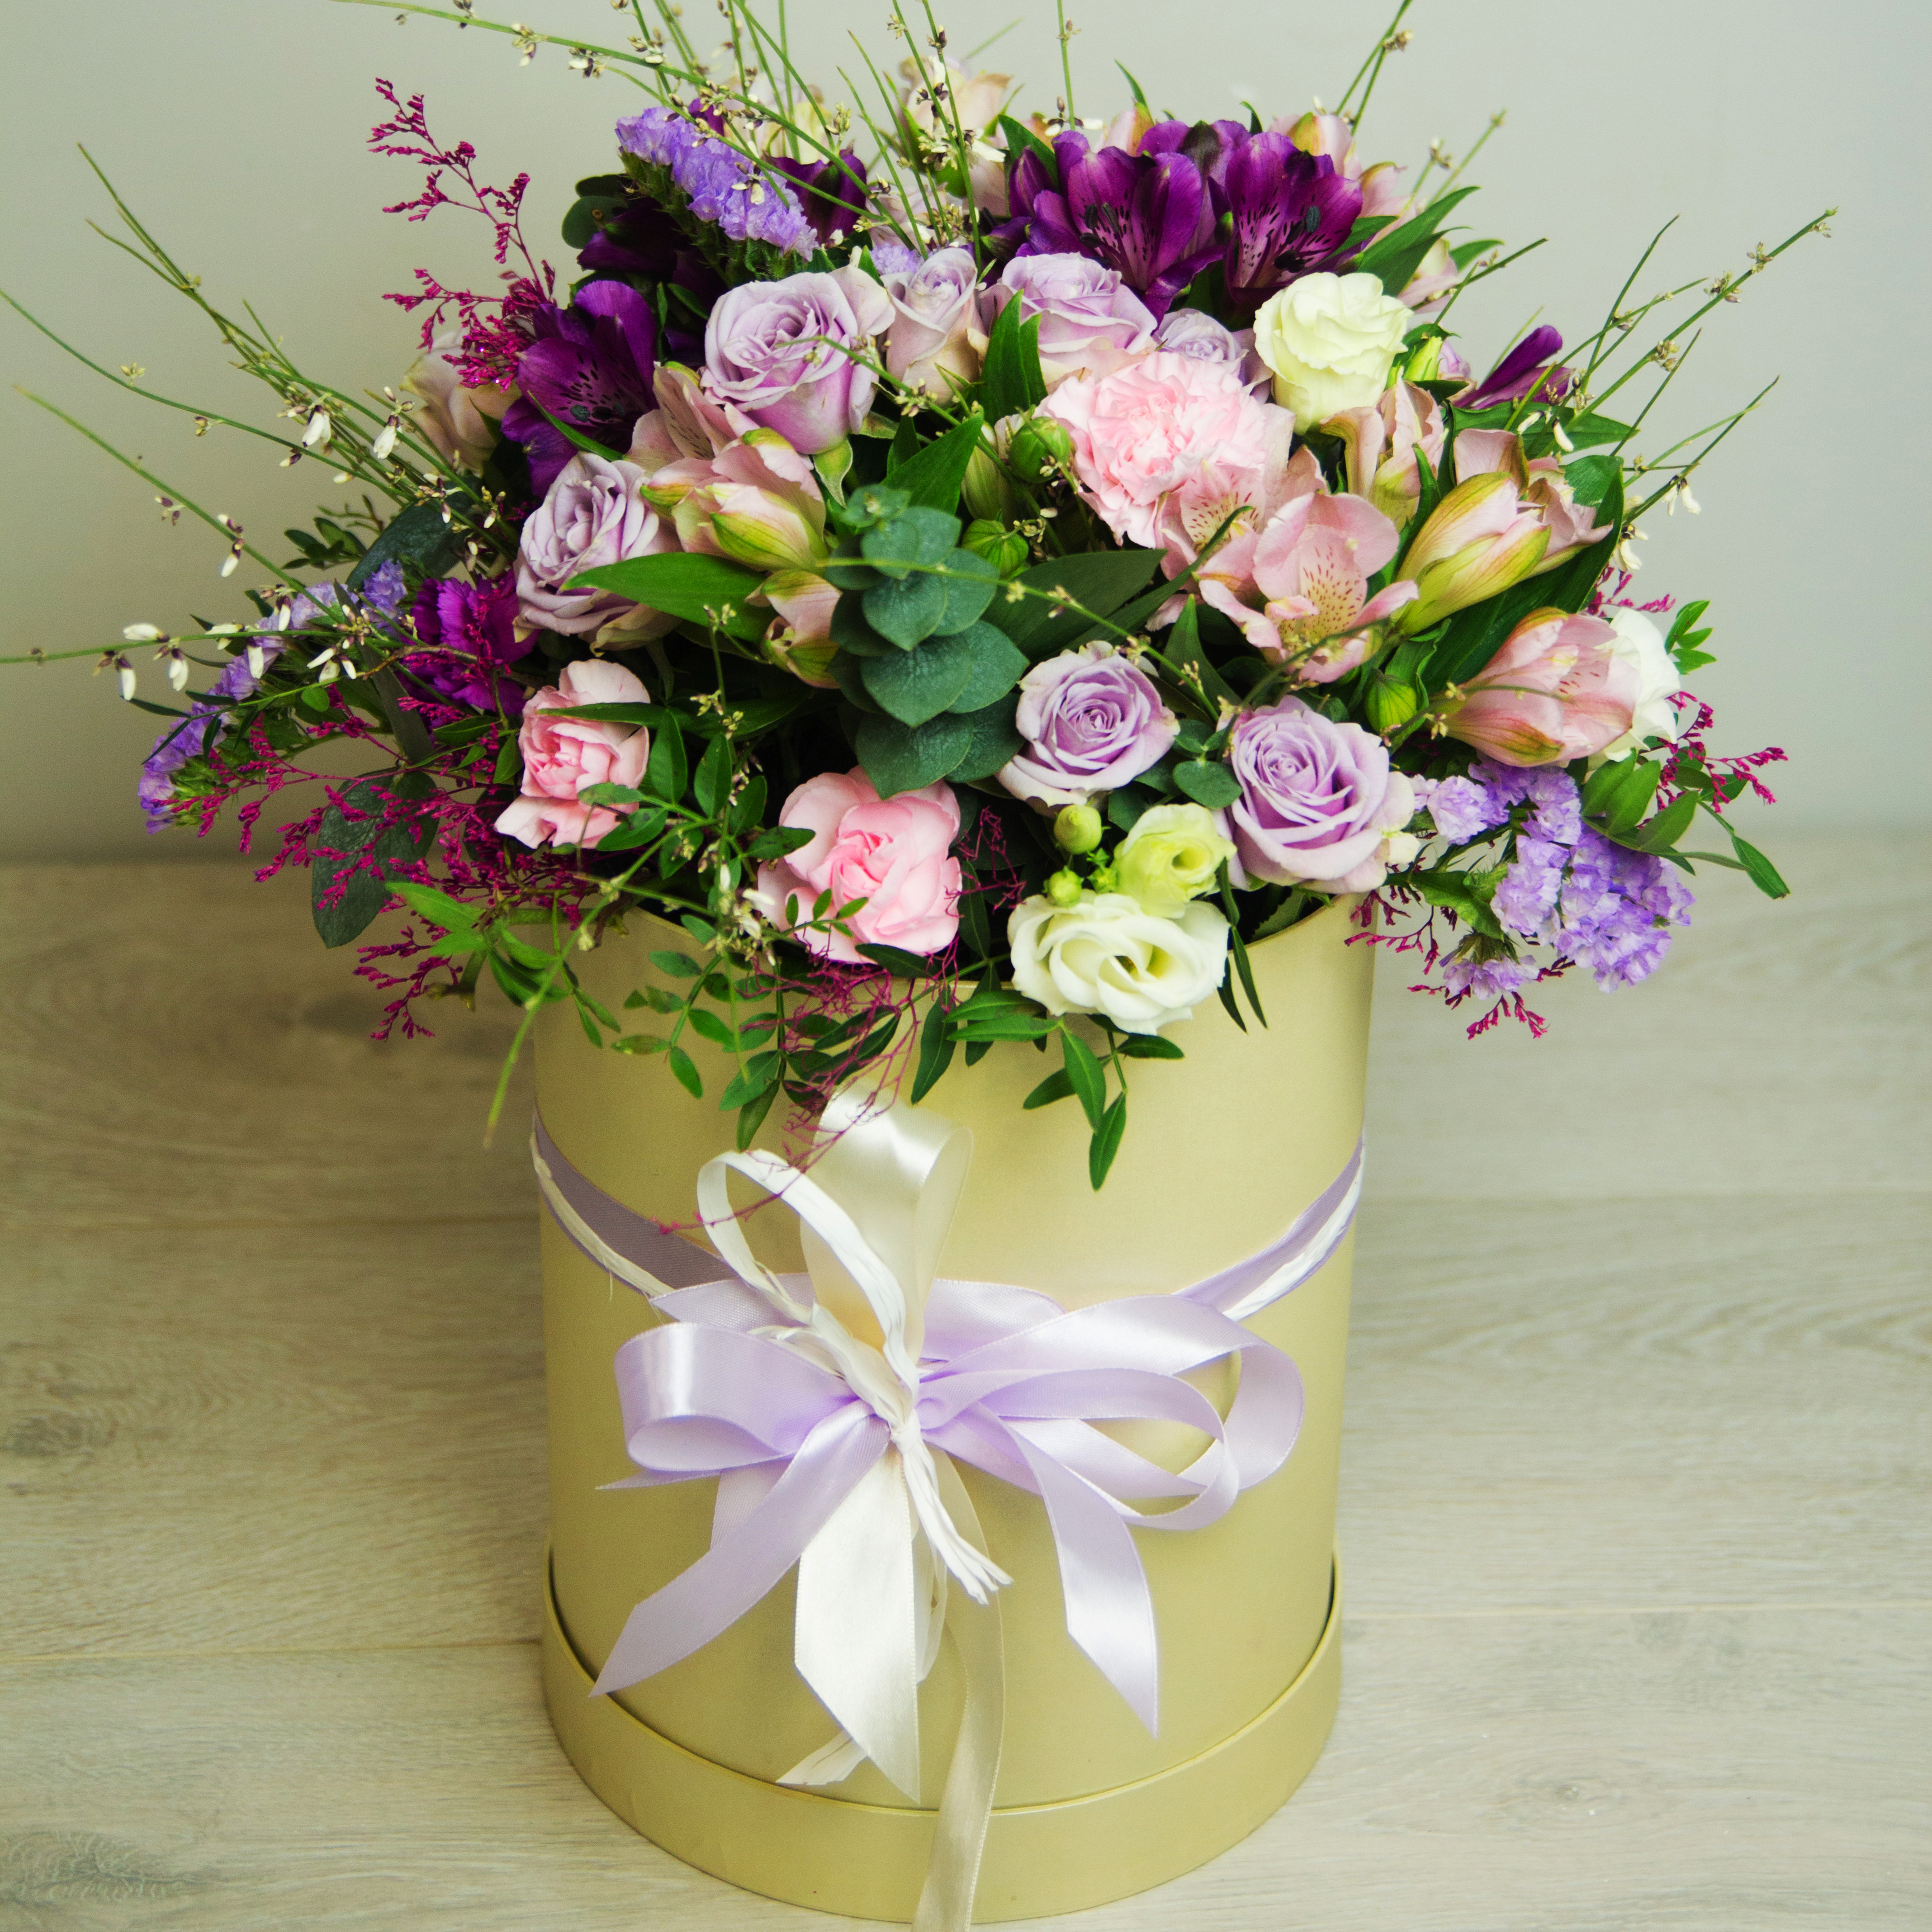 Композиция в коробке из роз и альстромерий с гвоздикой и эустомой